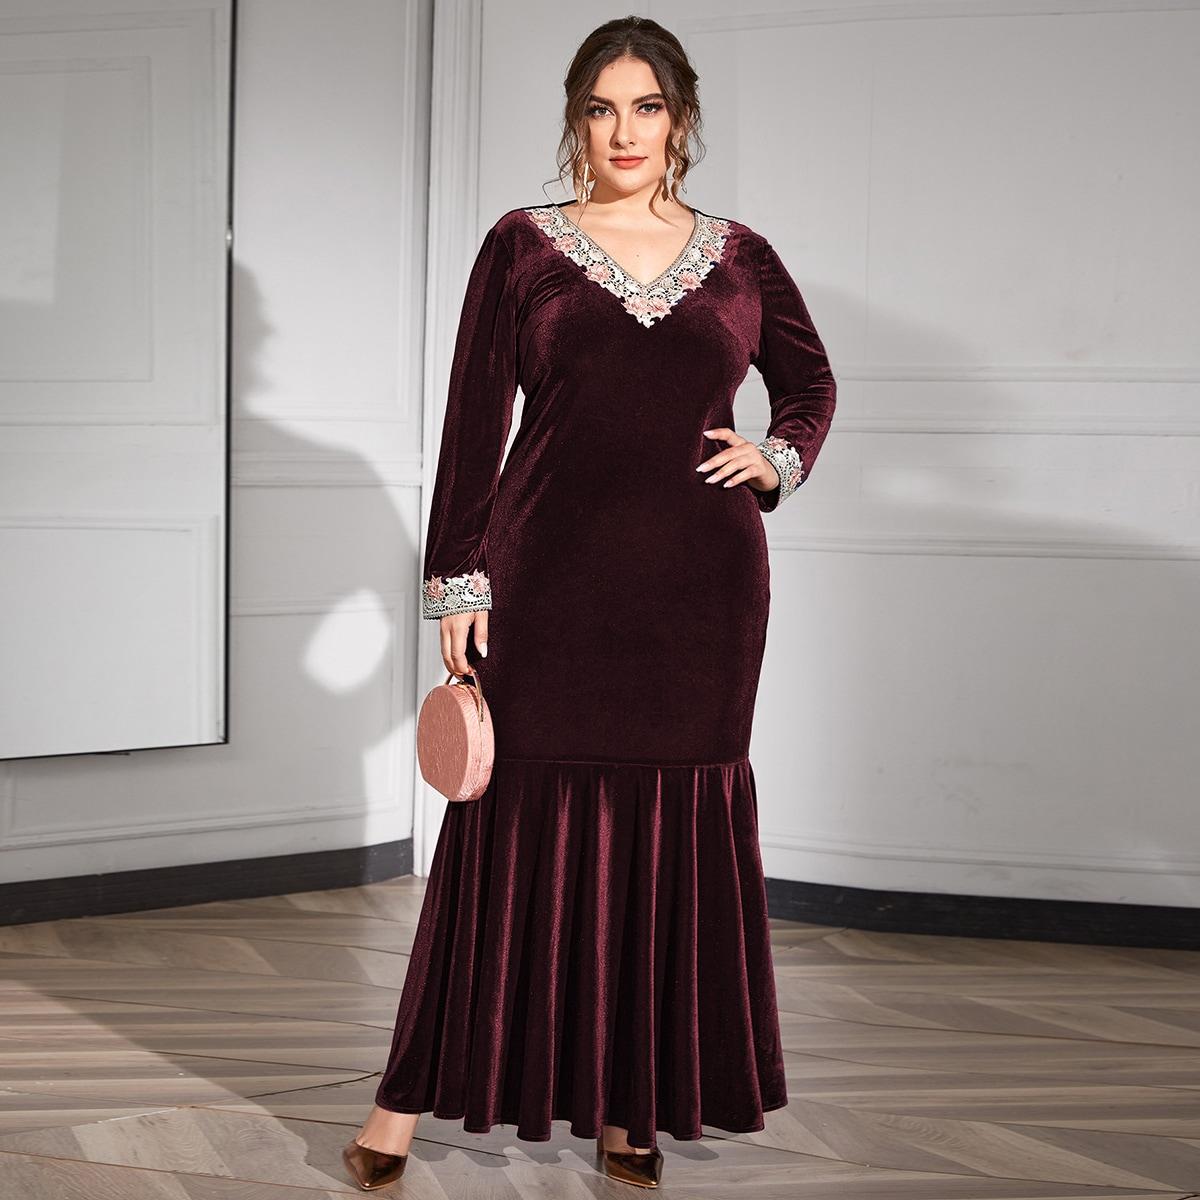 Бархатное платье-русалка размера плюс с кружевной отделкой